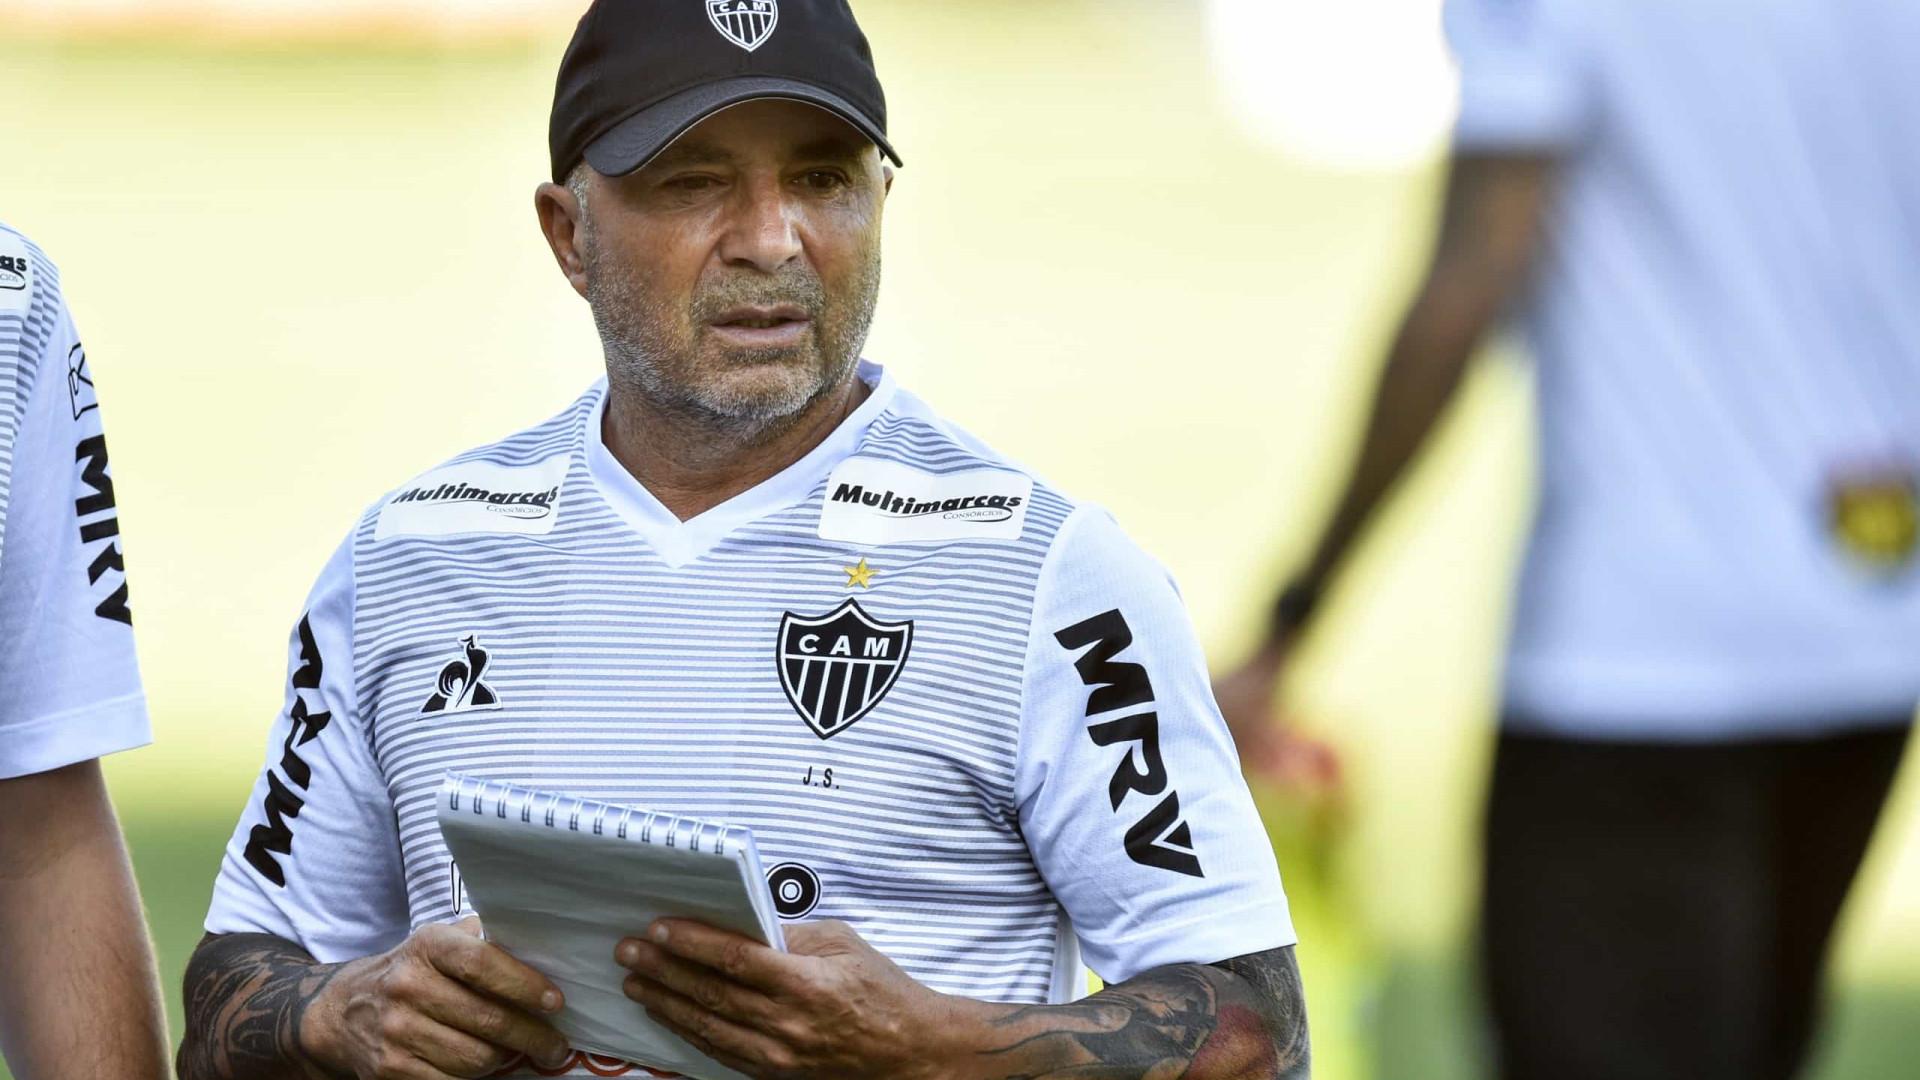 Após goleada, Sampaoli diz que Atlético-MG ainda está longe do ideal